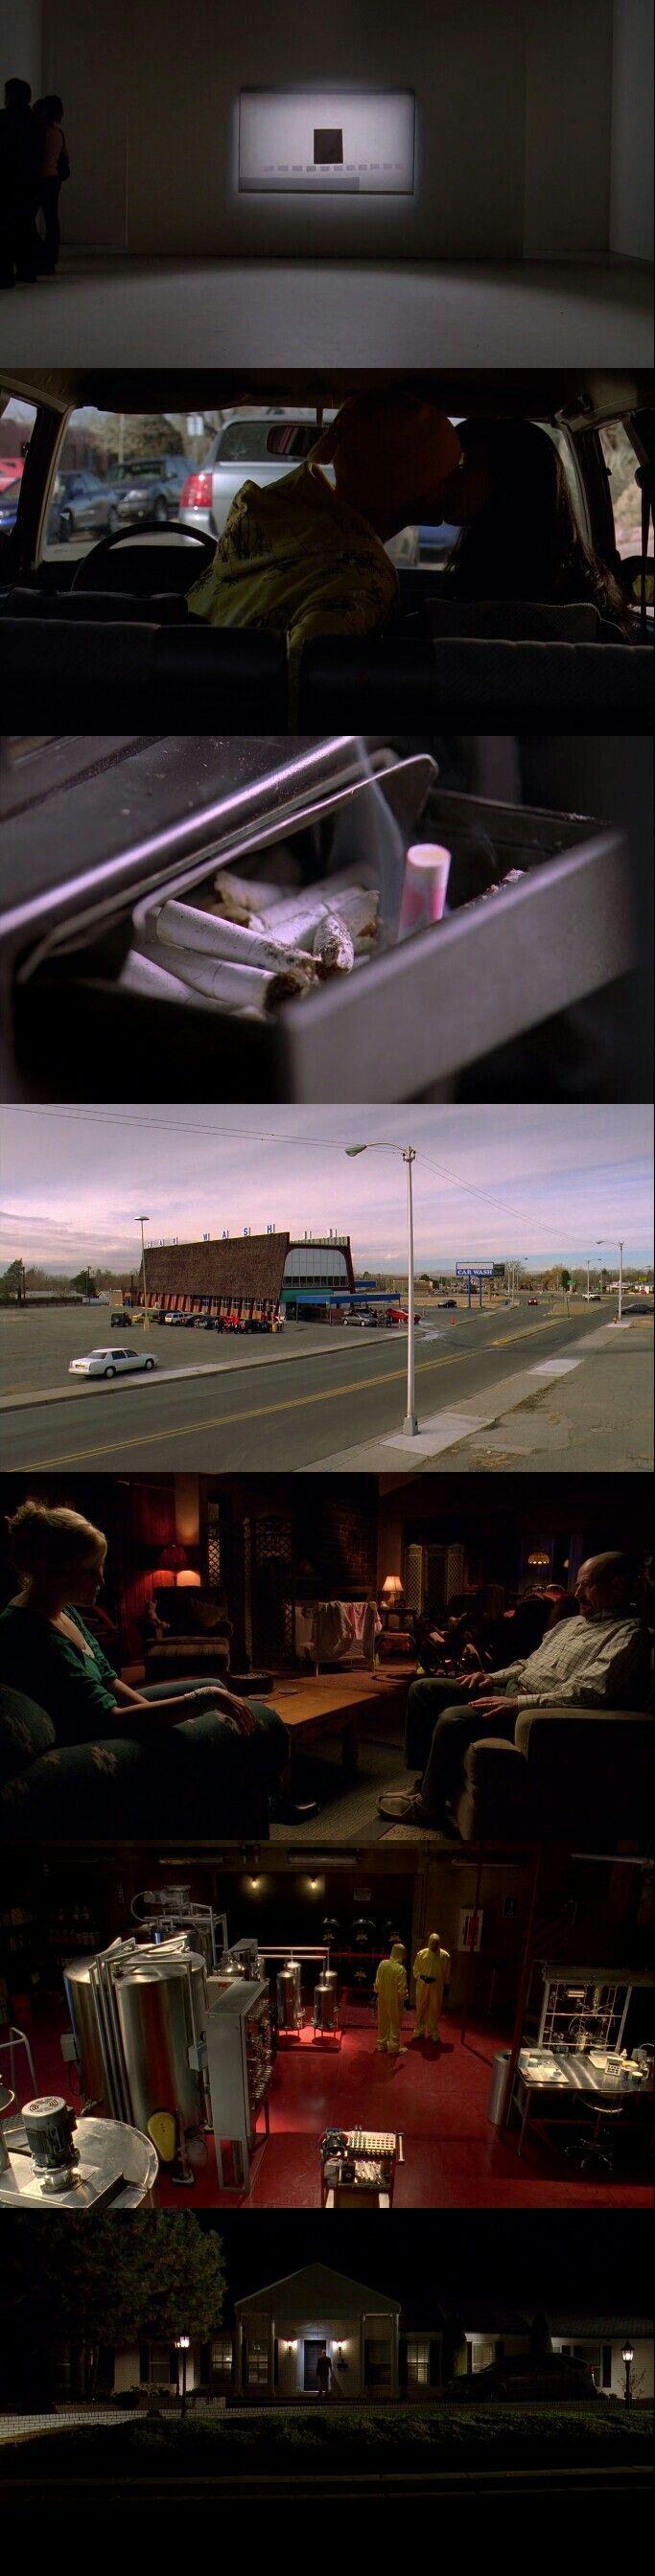 Breaking Bad (2008 - 2013) Season 3 Episode 11: Abiquiu.